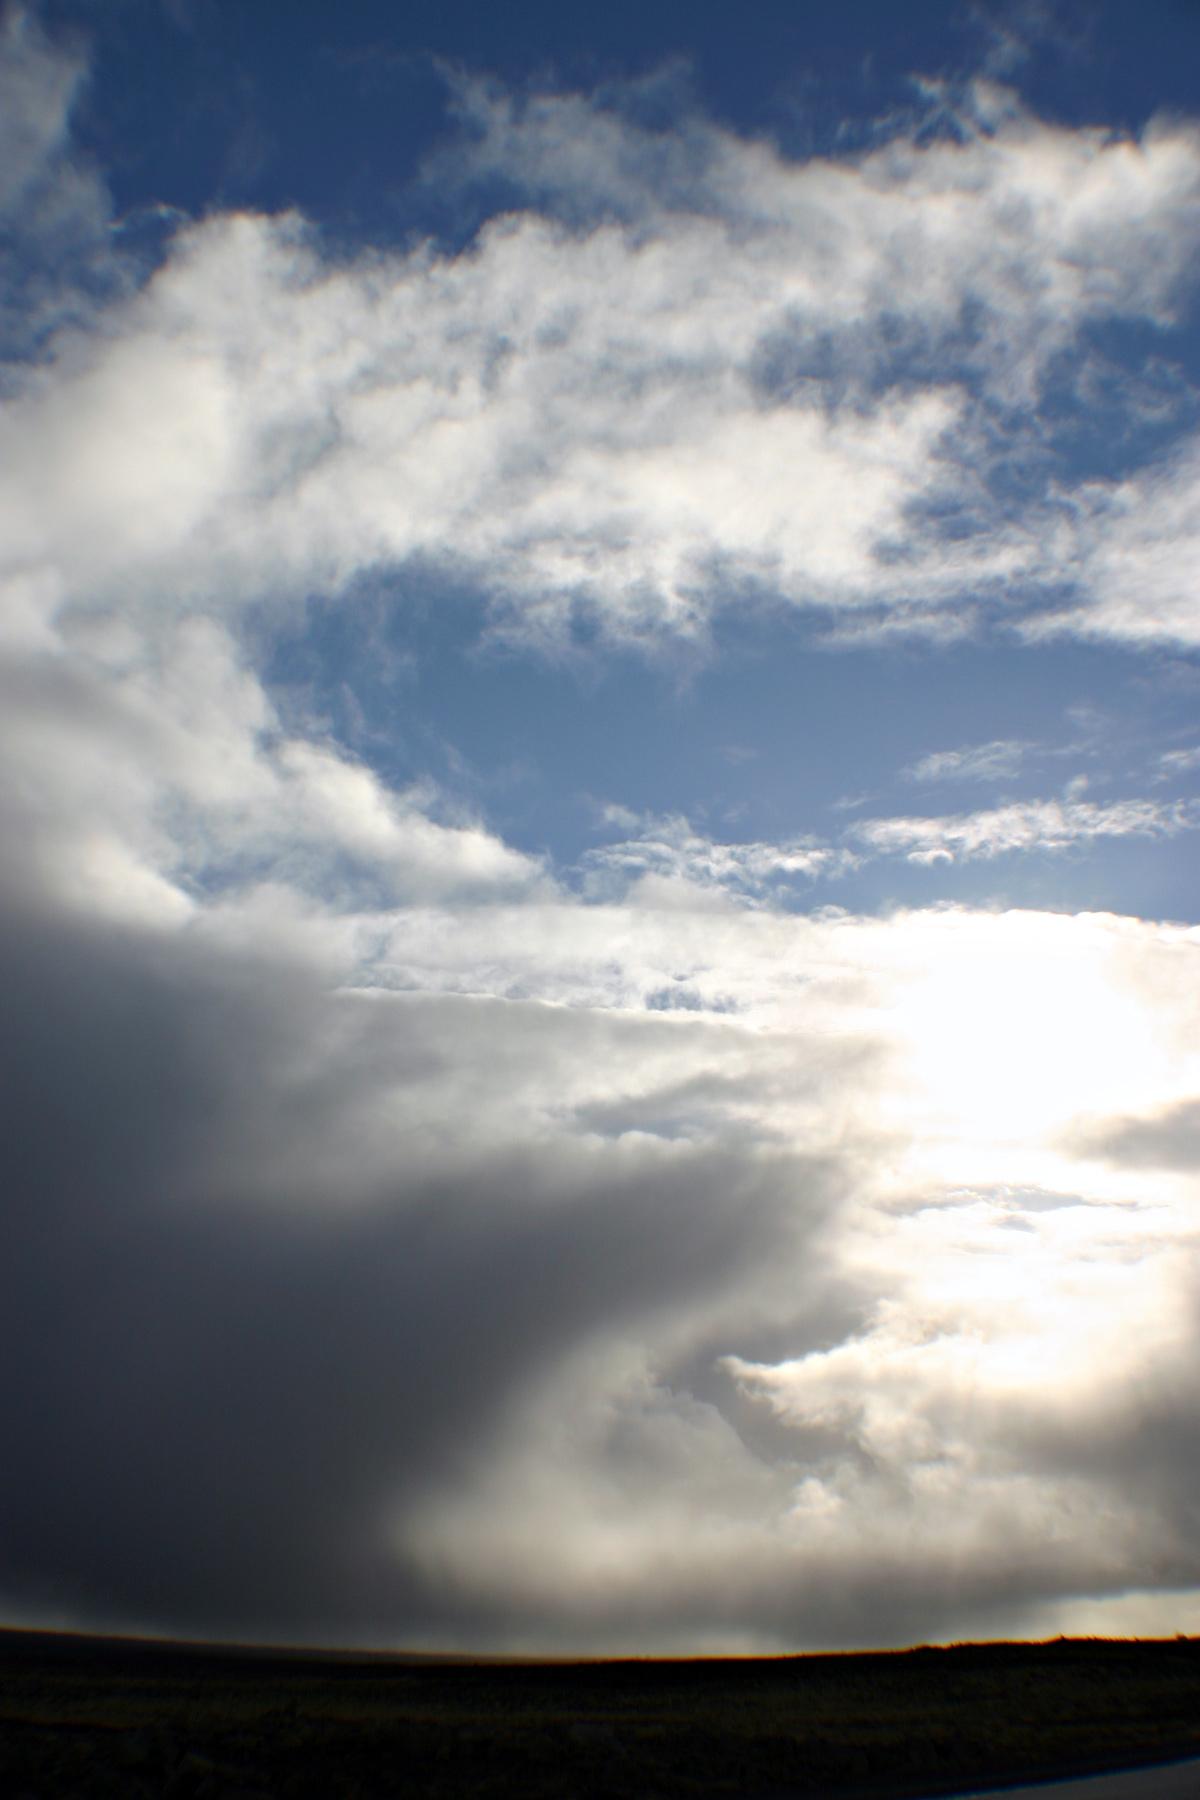 Storm clouds, Clouds, Dark, Heavy, Rain, HQ Photo